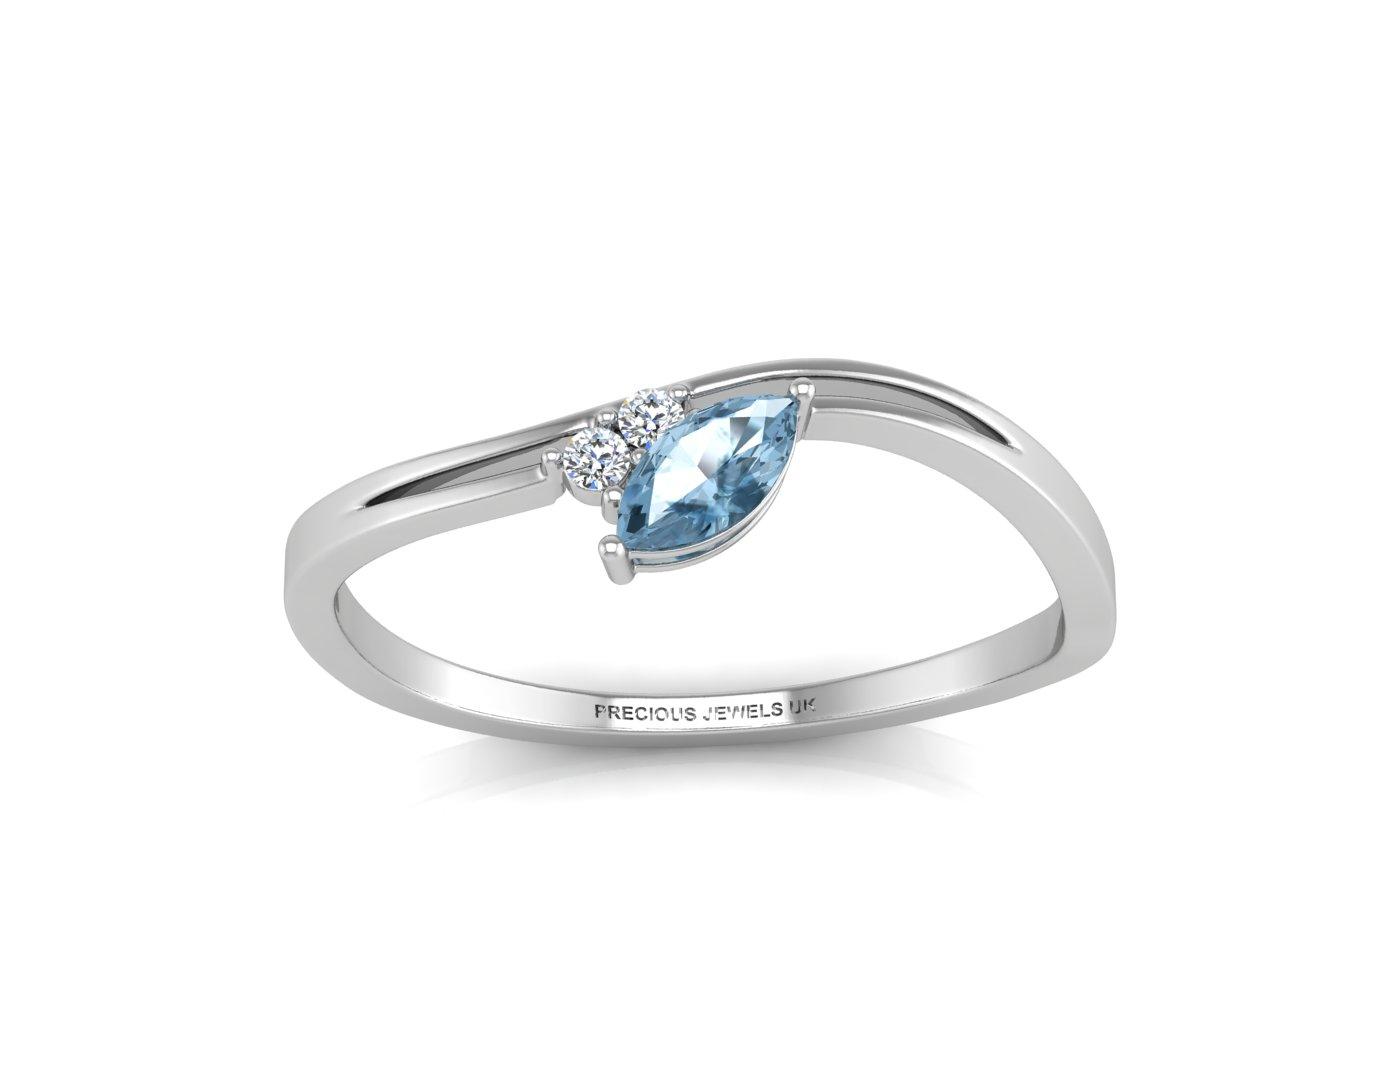 diamant und marquise geformt blauer topas ring. Black Bedroom Furniture Sets. Home Design Ideas